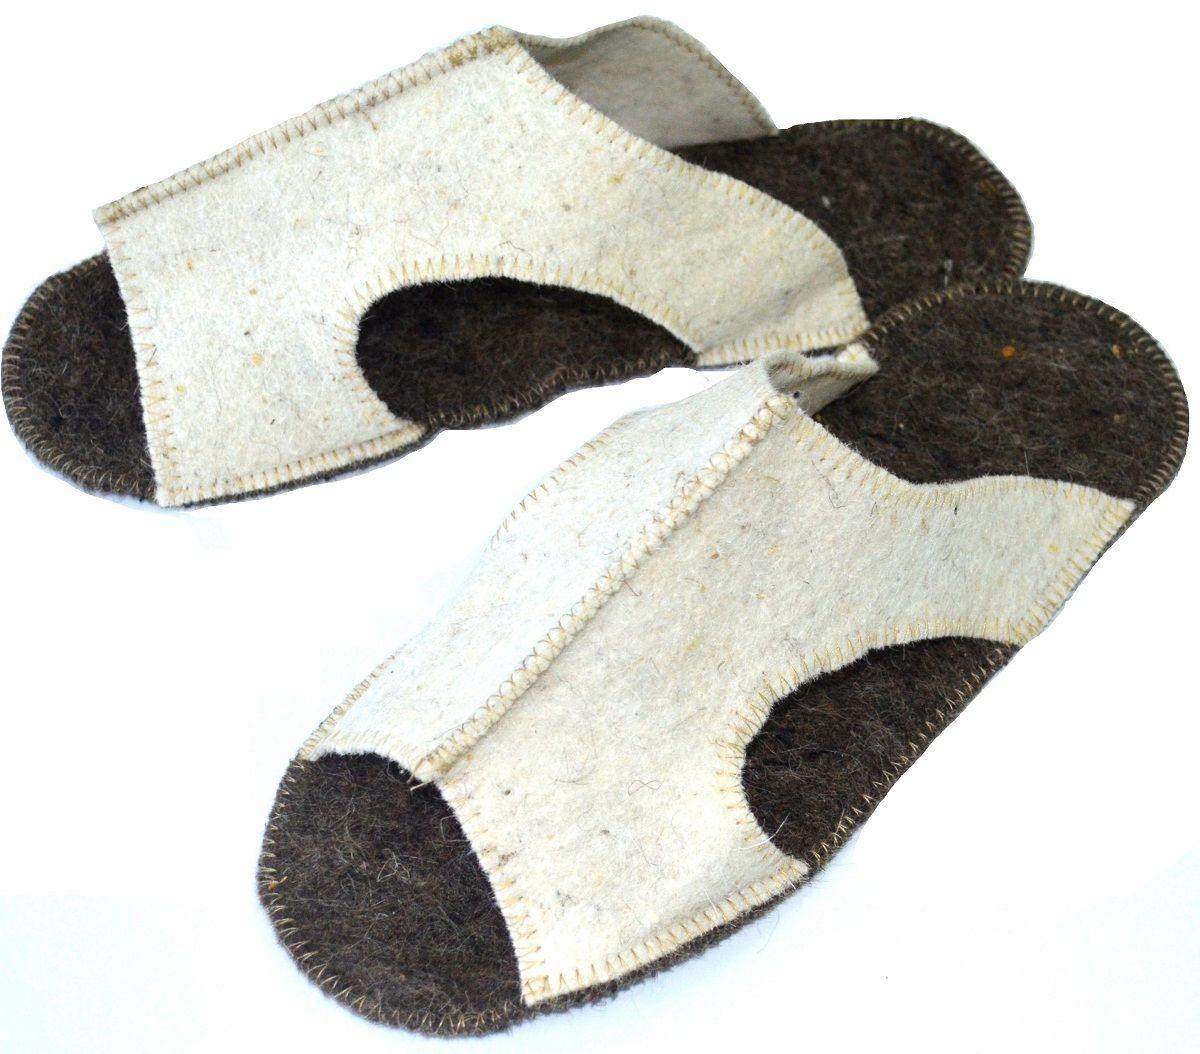 Тапочки для сауны мужские Ecology Sauna СандалииДЮН-ТМ139Необходимый аксессуар для посещения бани и сауны. Изготовлены из натуральной шерсти. Обеспечивают тепло, обладают легким массажным эффектом, уменьшают потливость ног.Также могут использоваться как домашние тапочки.